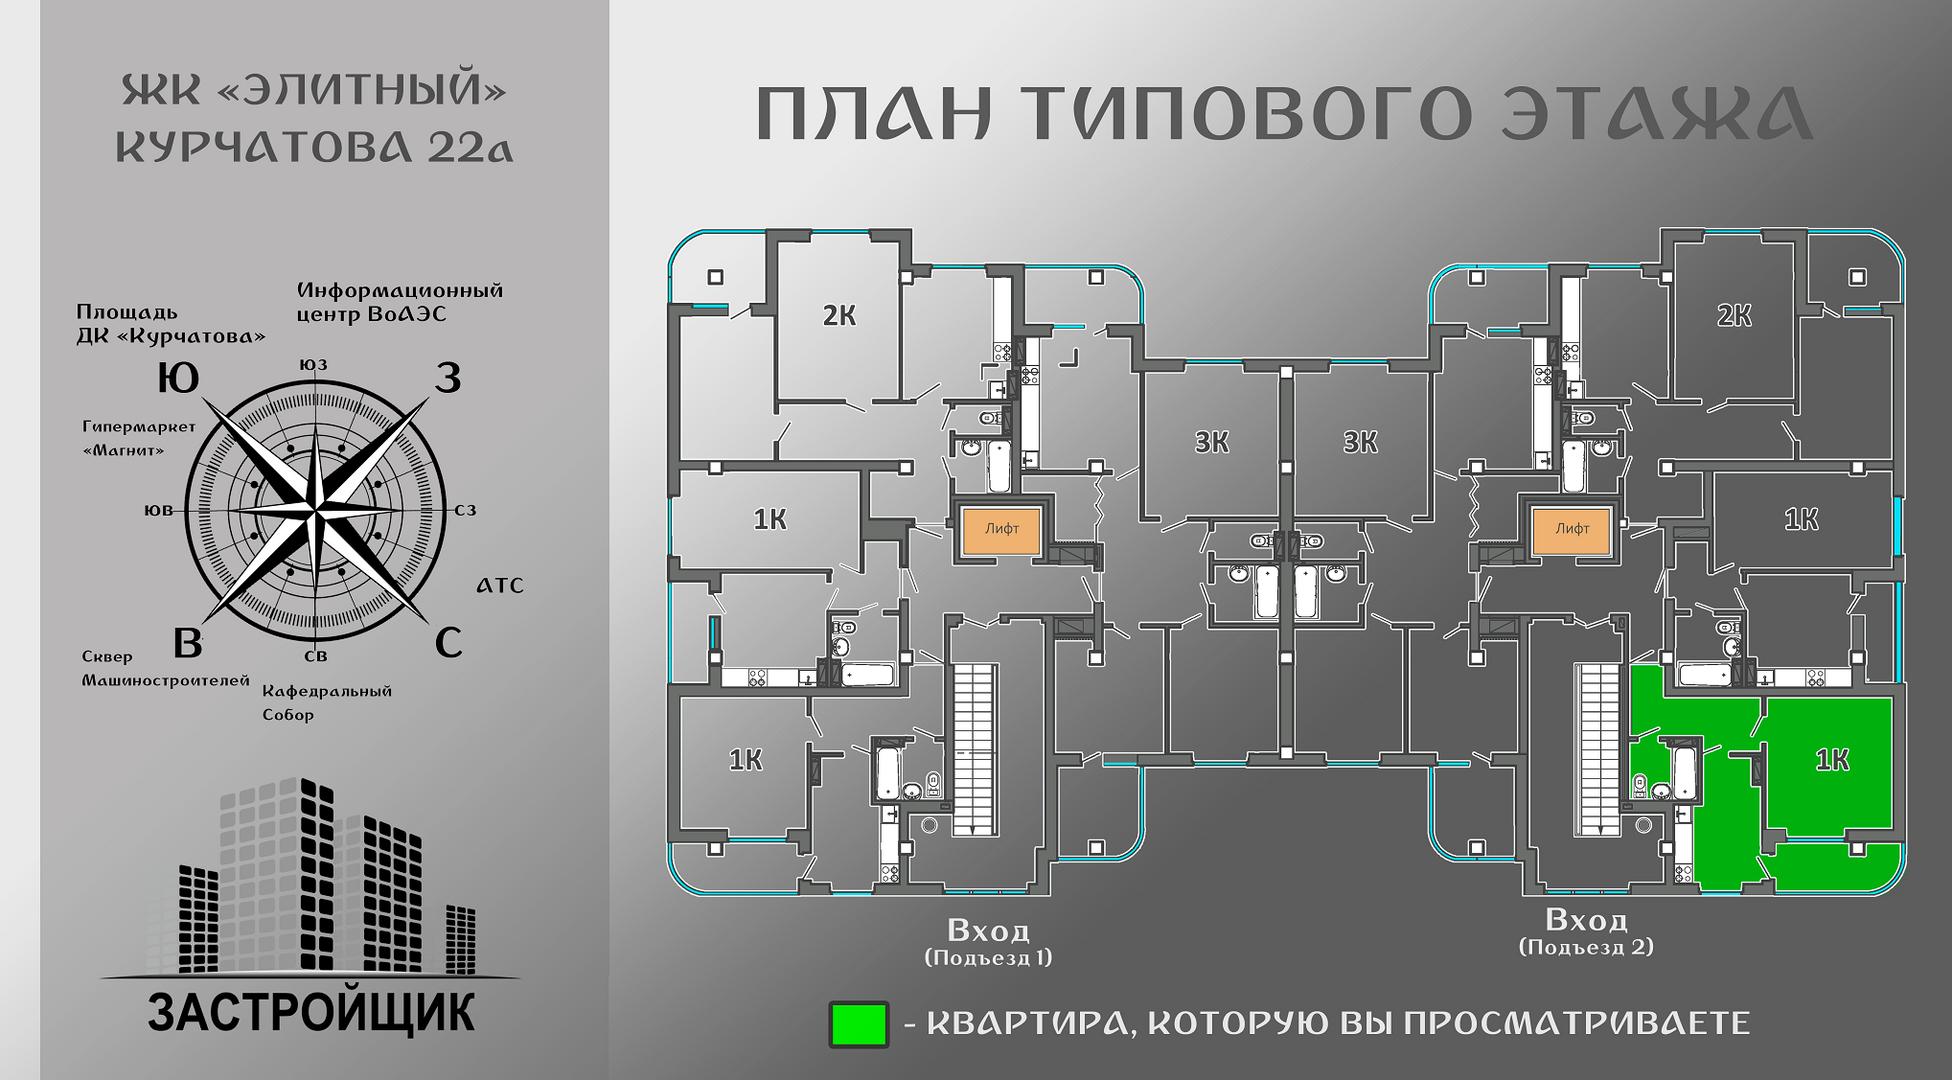 1к прав угл Планировка общаяя.png